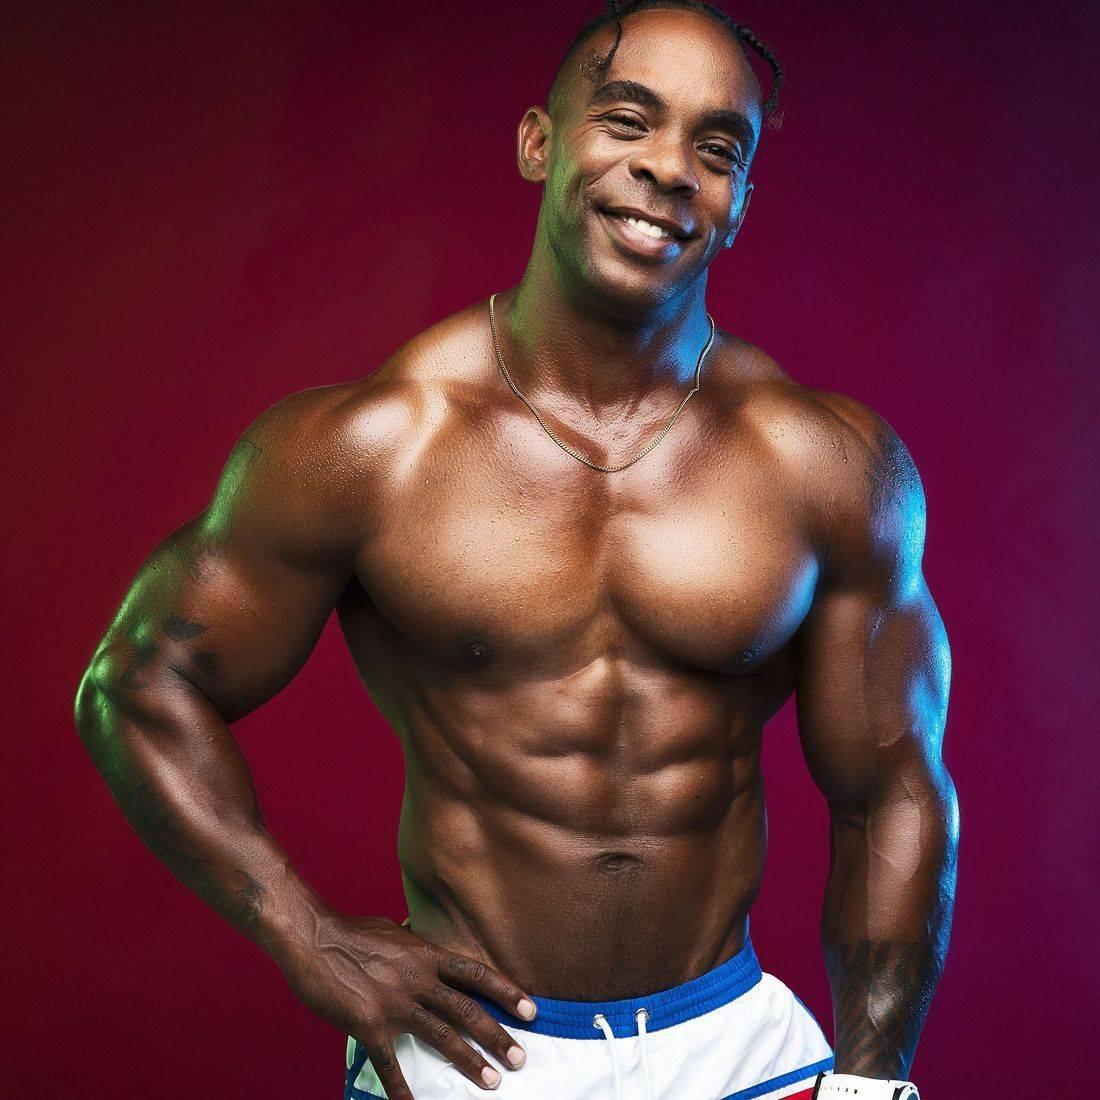 Byron K Hayes IFBB Pro Bodybuilder